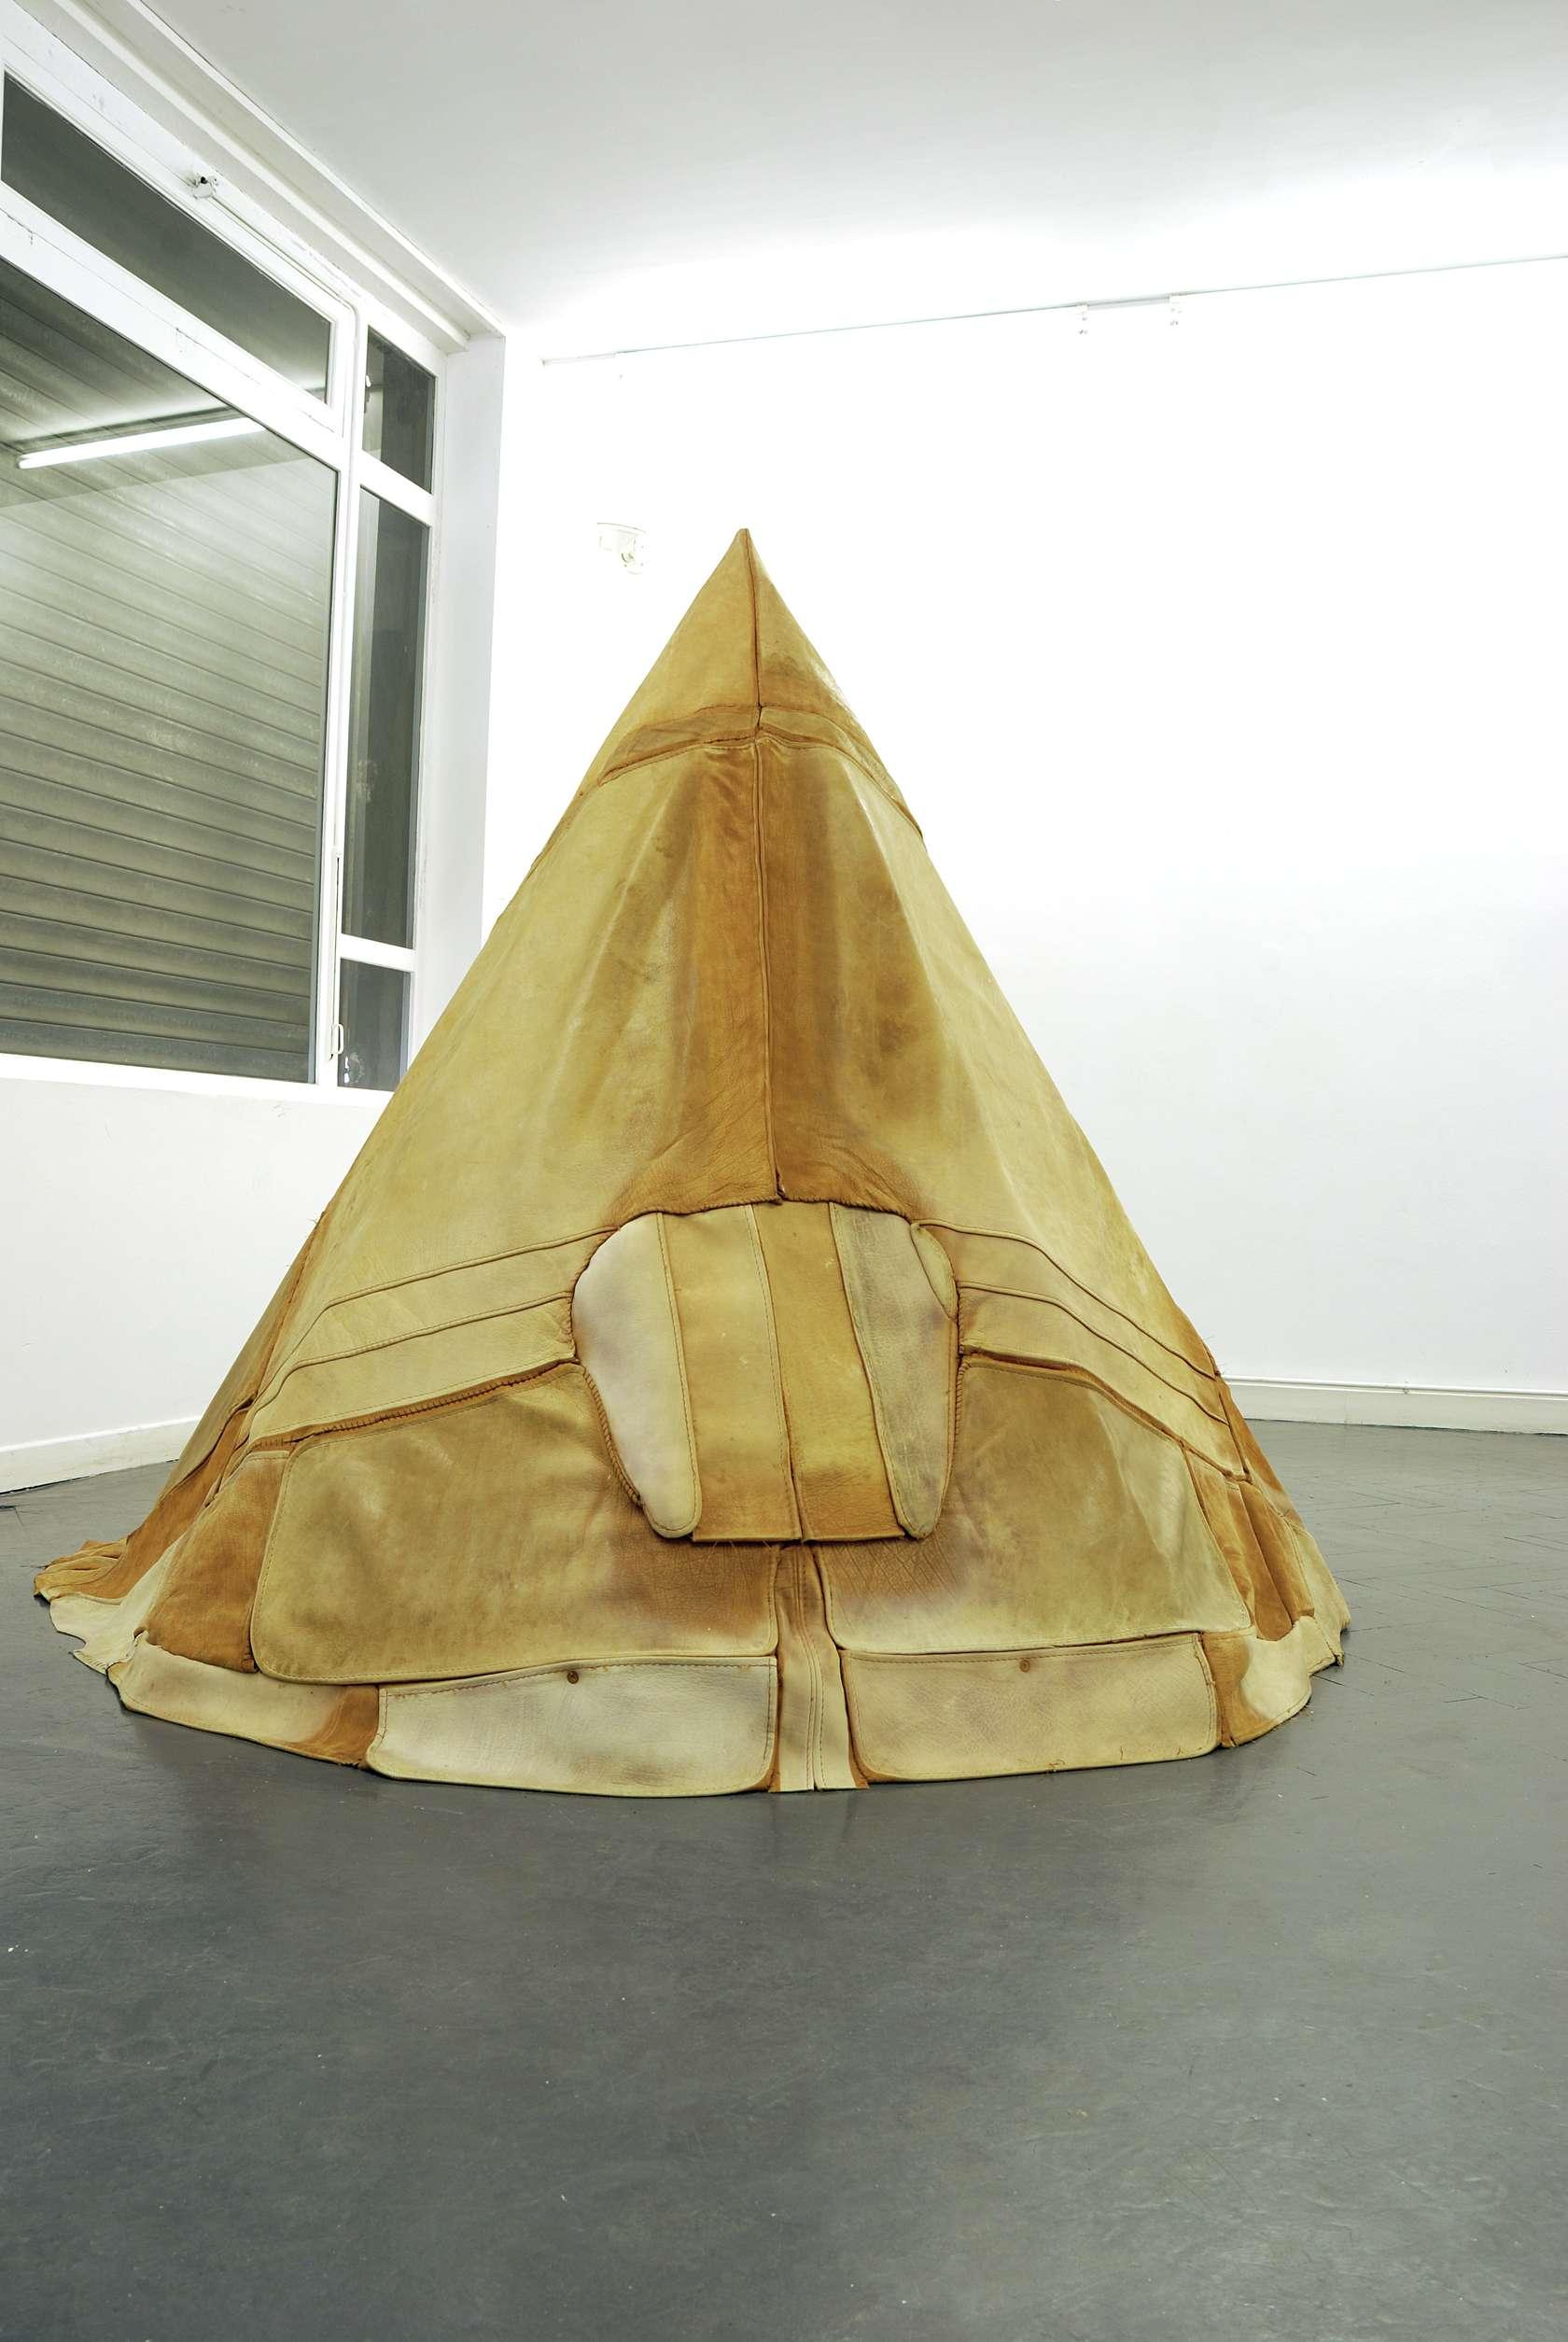 Laurent Le Deunff, Wigwam, 2010 Canapé en cuir de vachette, bois180 x 208 cm / 70 7/8 x 81 7/8 inches